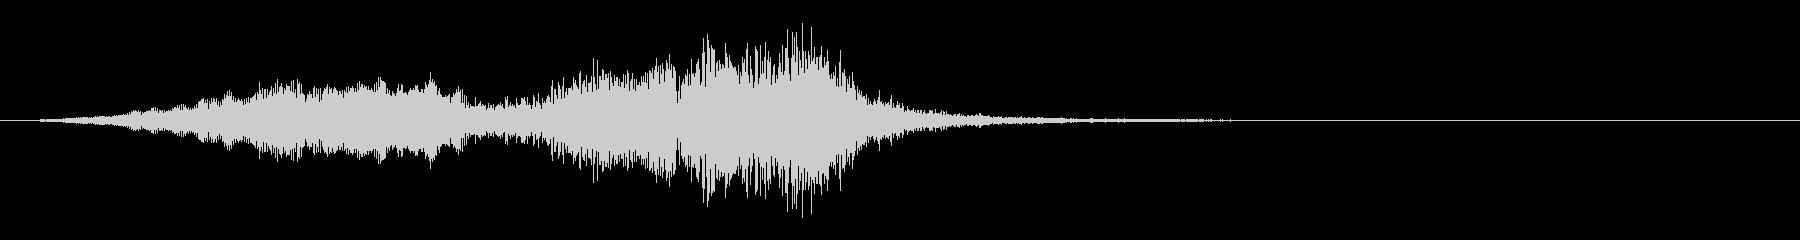 ミュージカルコードフィナーレロゴの未再生の波形